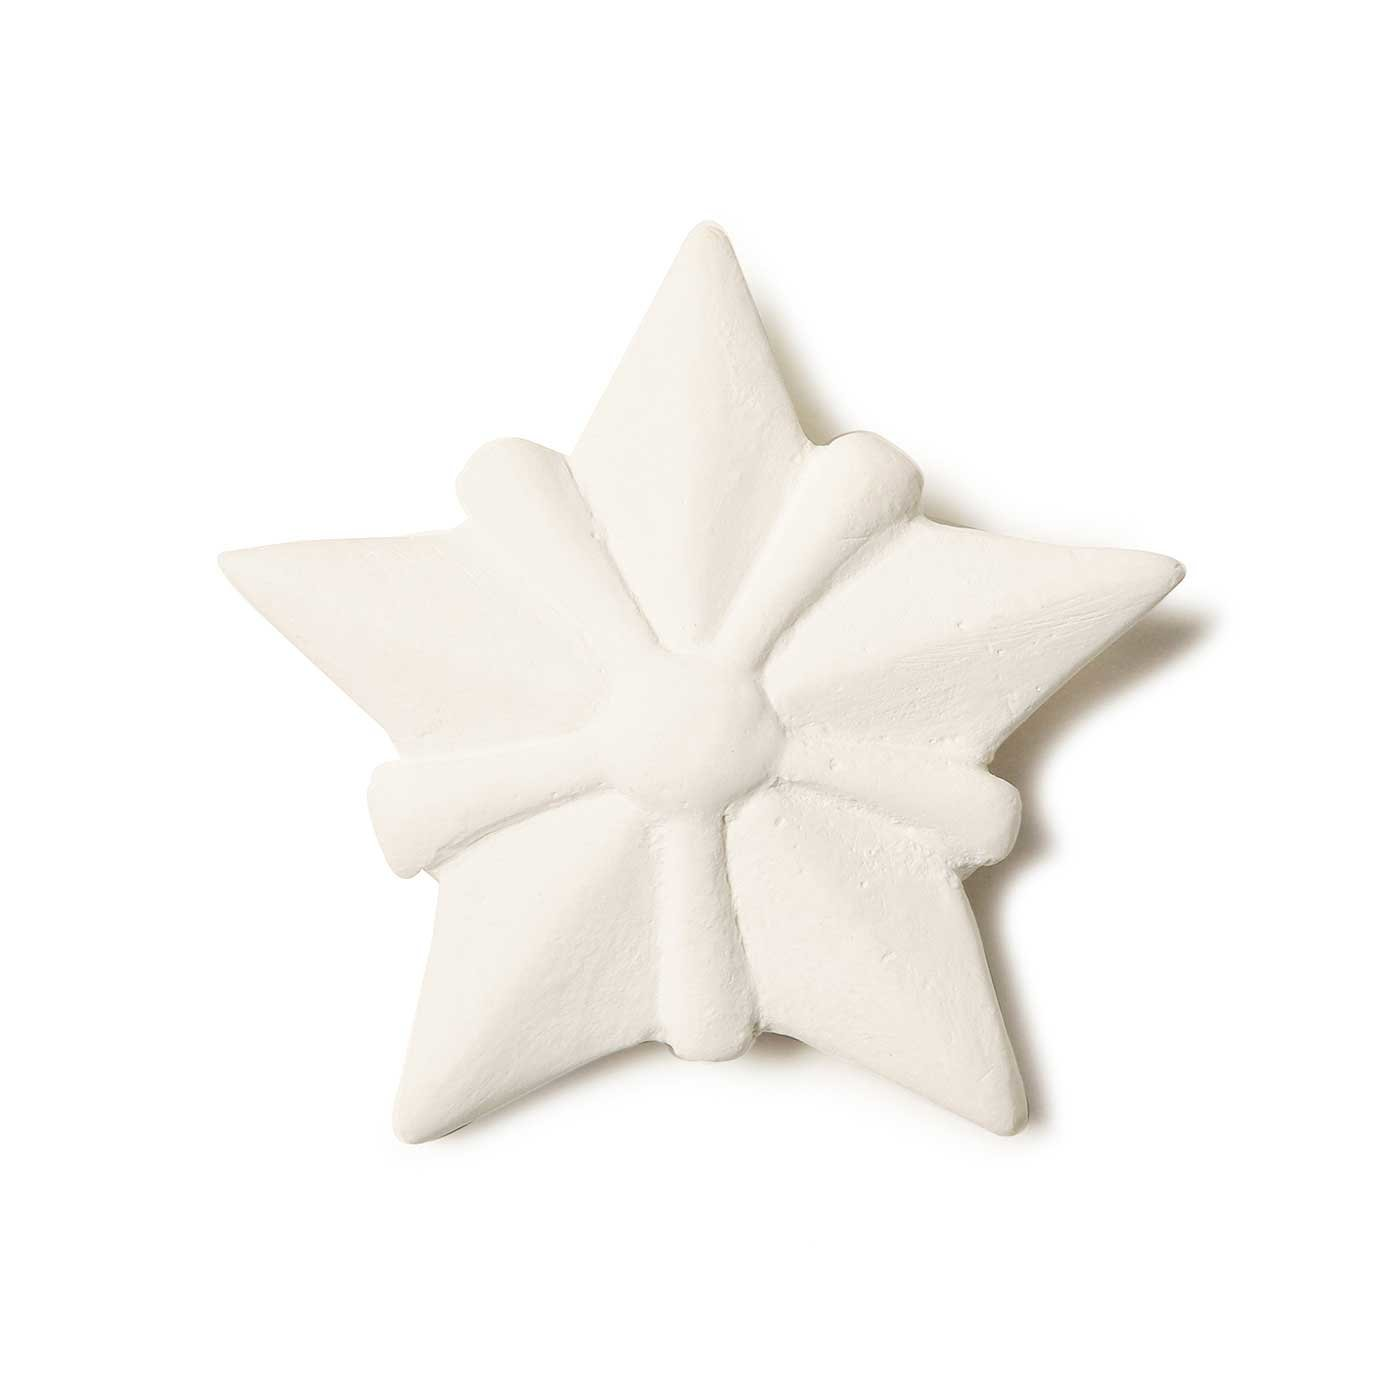 【Chichetti】ポルトガルからの贈りもの 壁に花咲くクレレ工房の漆喰細工(モチーフ)